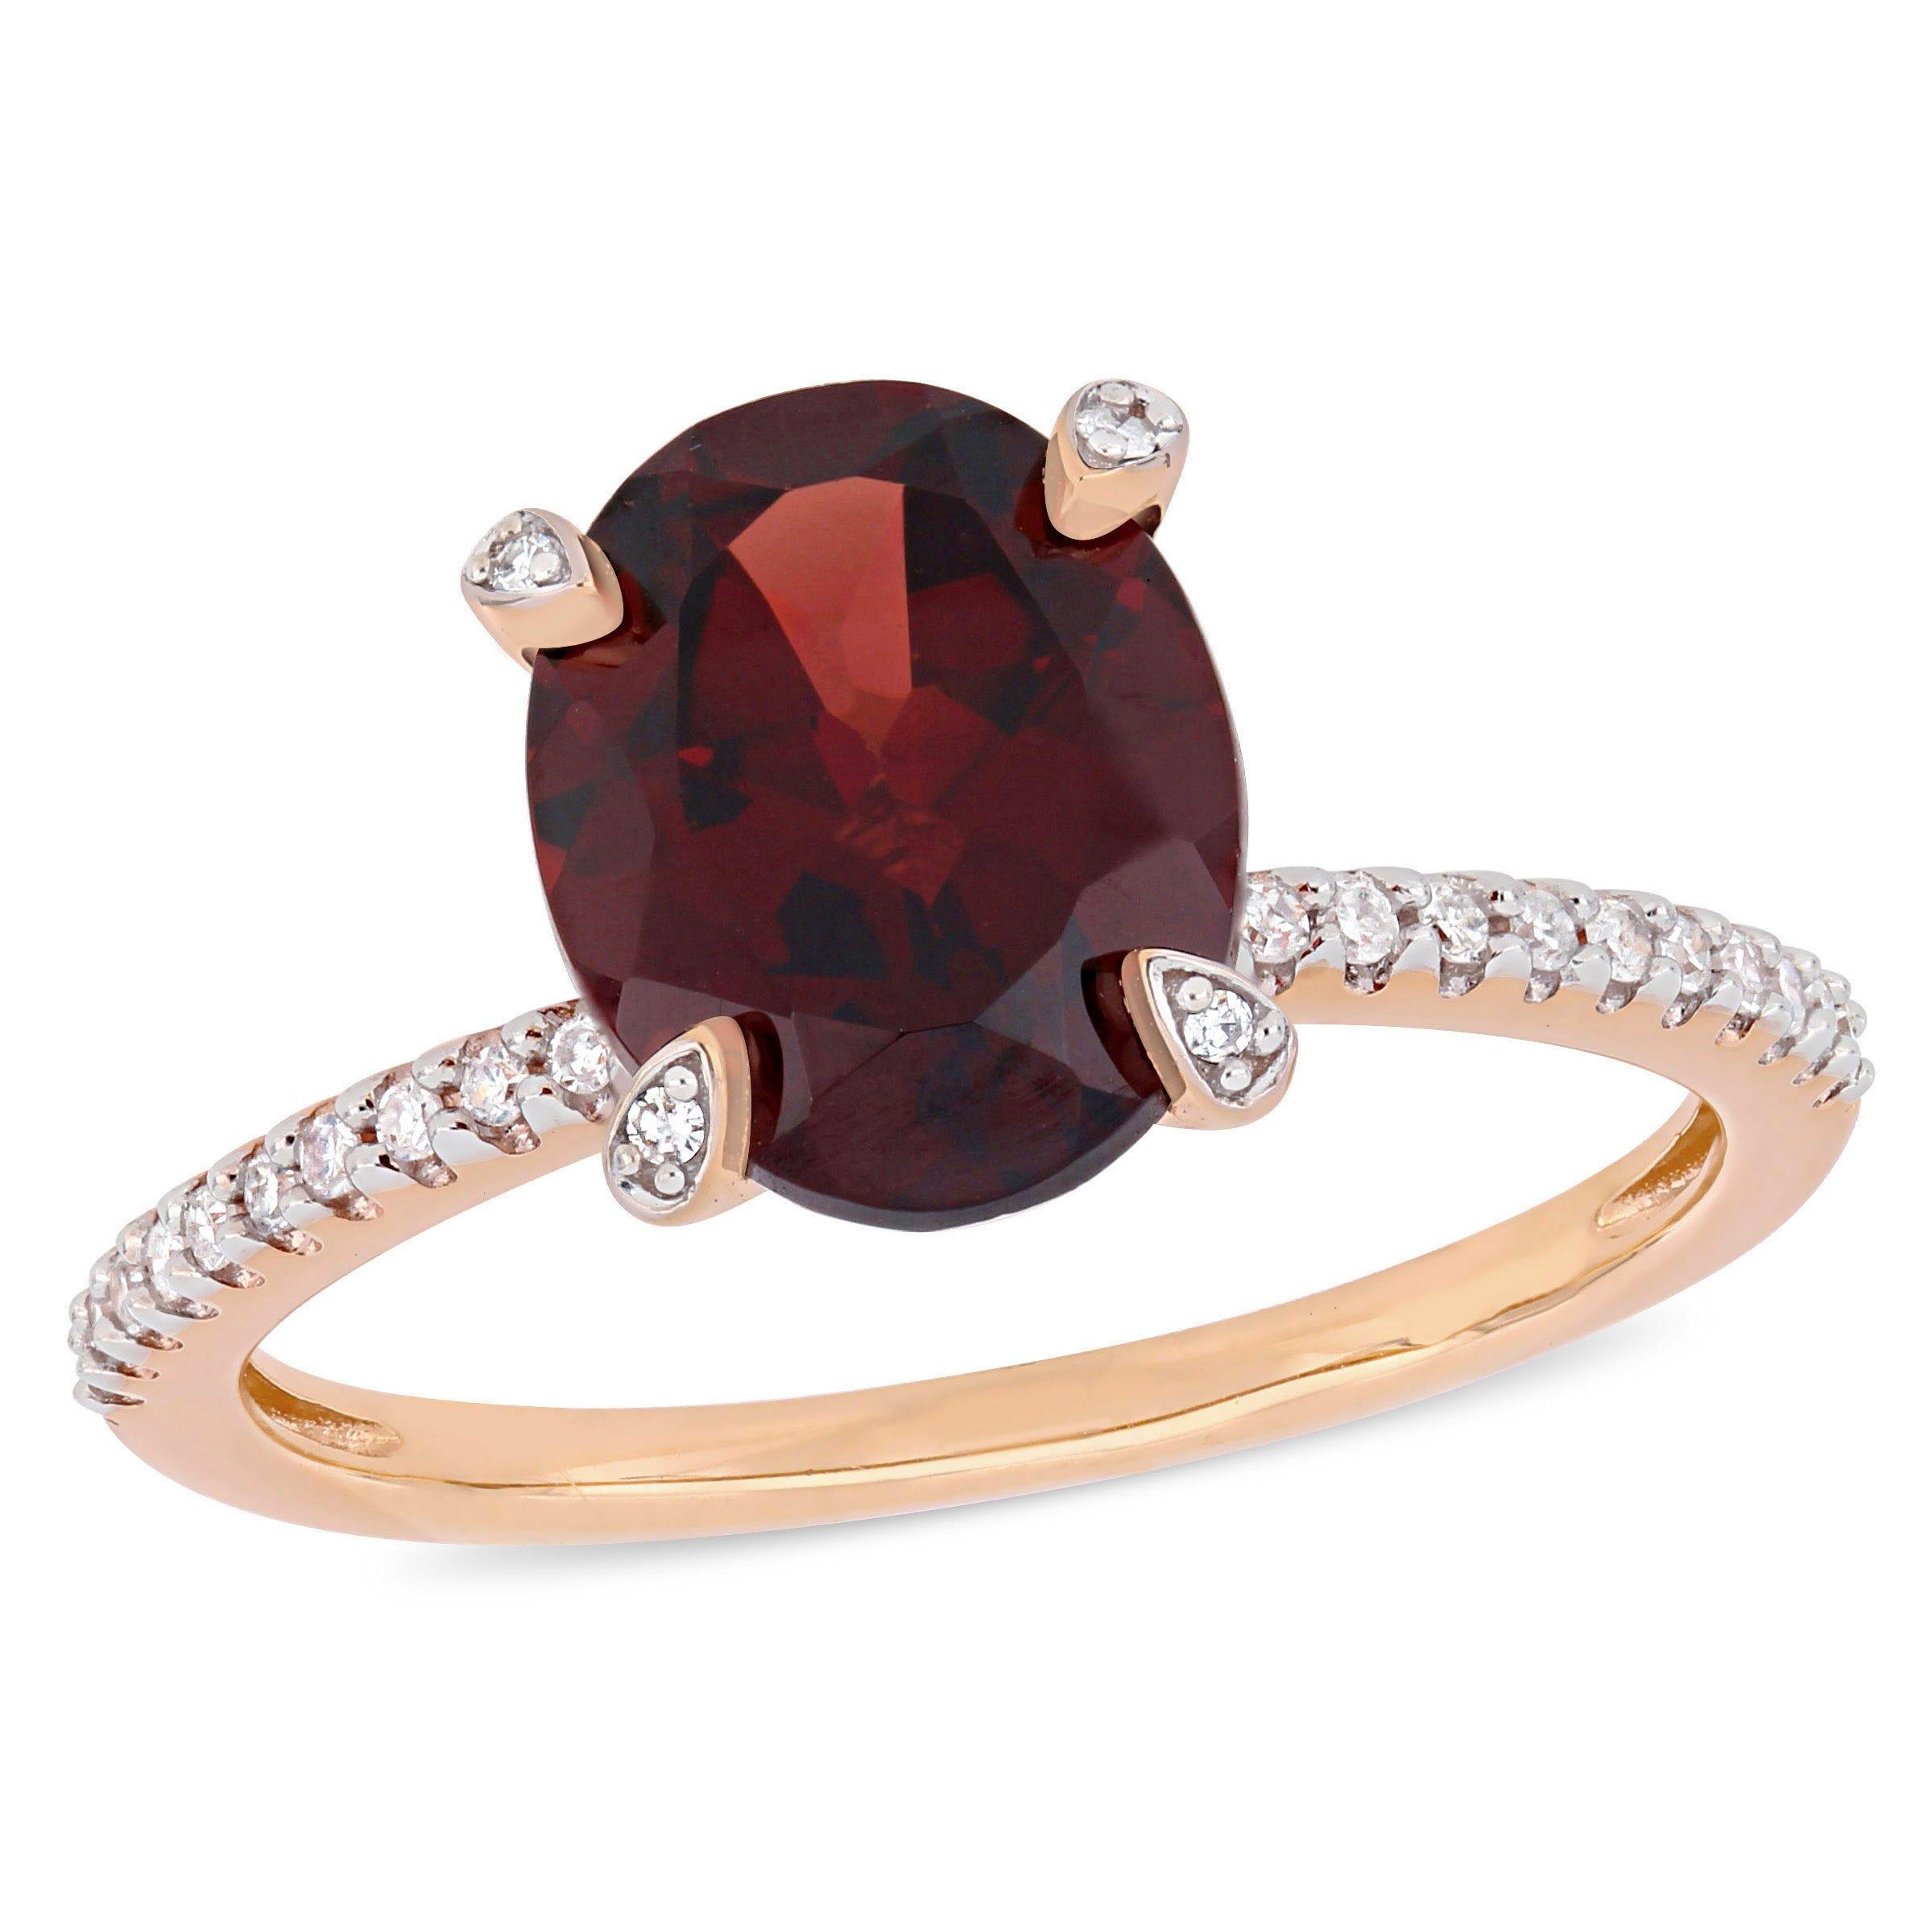 Oval Garnet & Diamond Engagement Ring in 10k Rose Gold